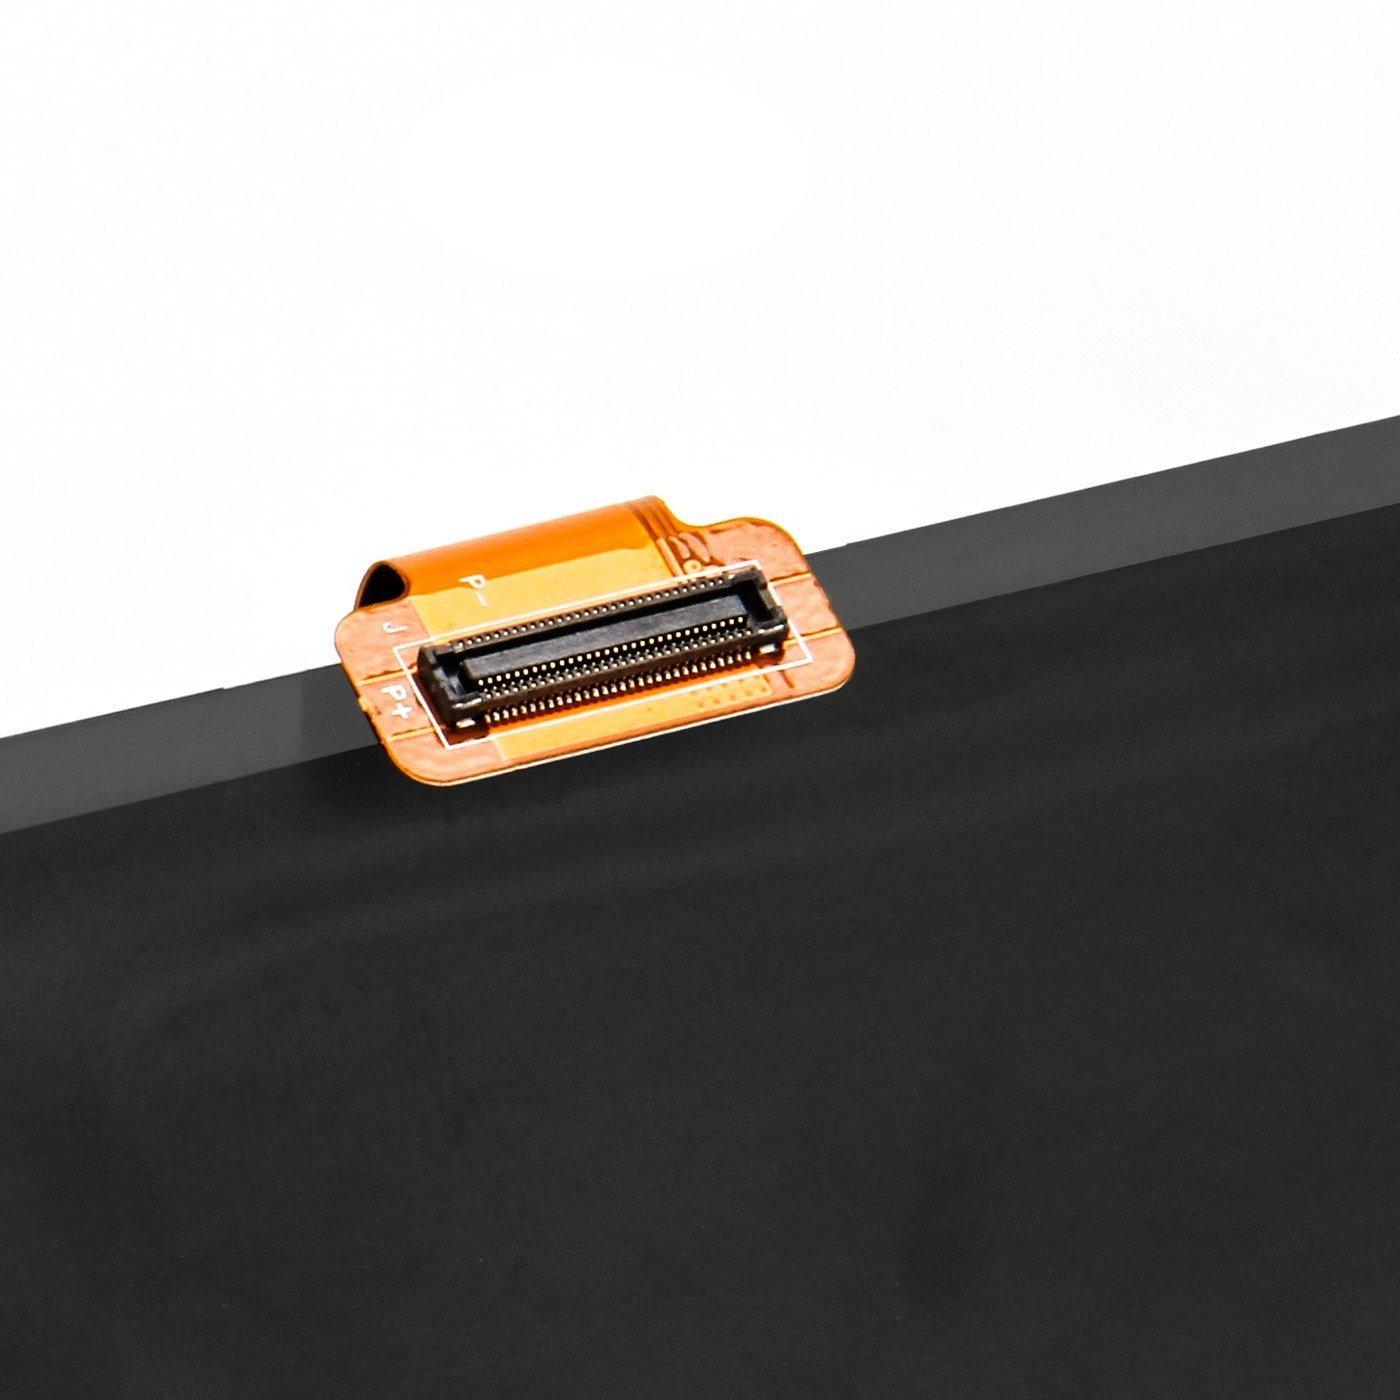 Dentsing 11.4V 6160mAh BETTY4 Battery For Razer Blade 2016 14'' V2 Series Laptop 3ICP4/56/102-2 RZ09-0195 RZ09-0165 RZ09-01953E72 CN-B-1-BETTY4-73K-06472 70Wh by Dentsing (Image #3)